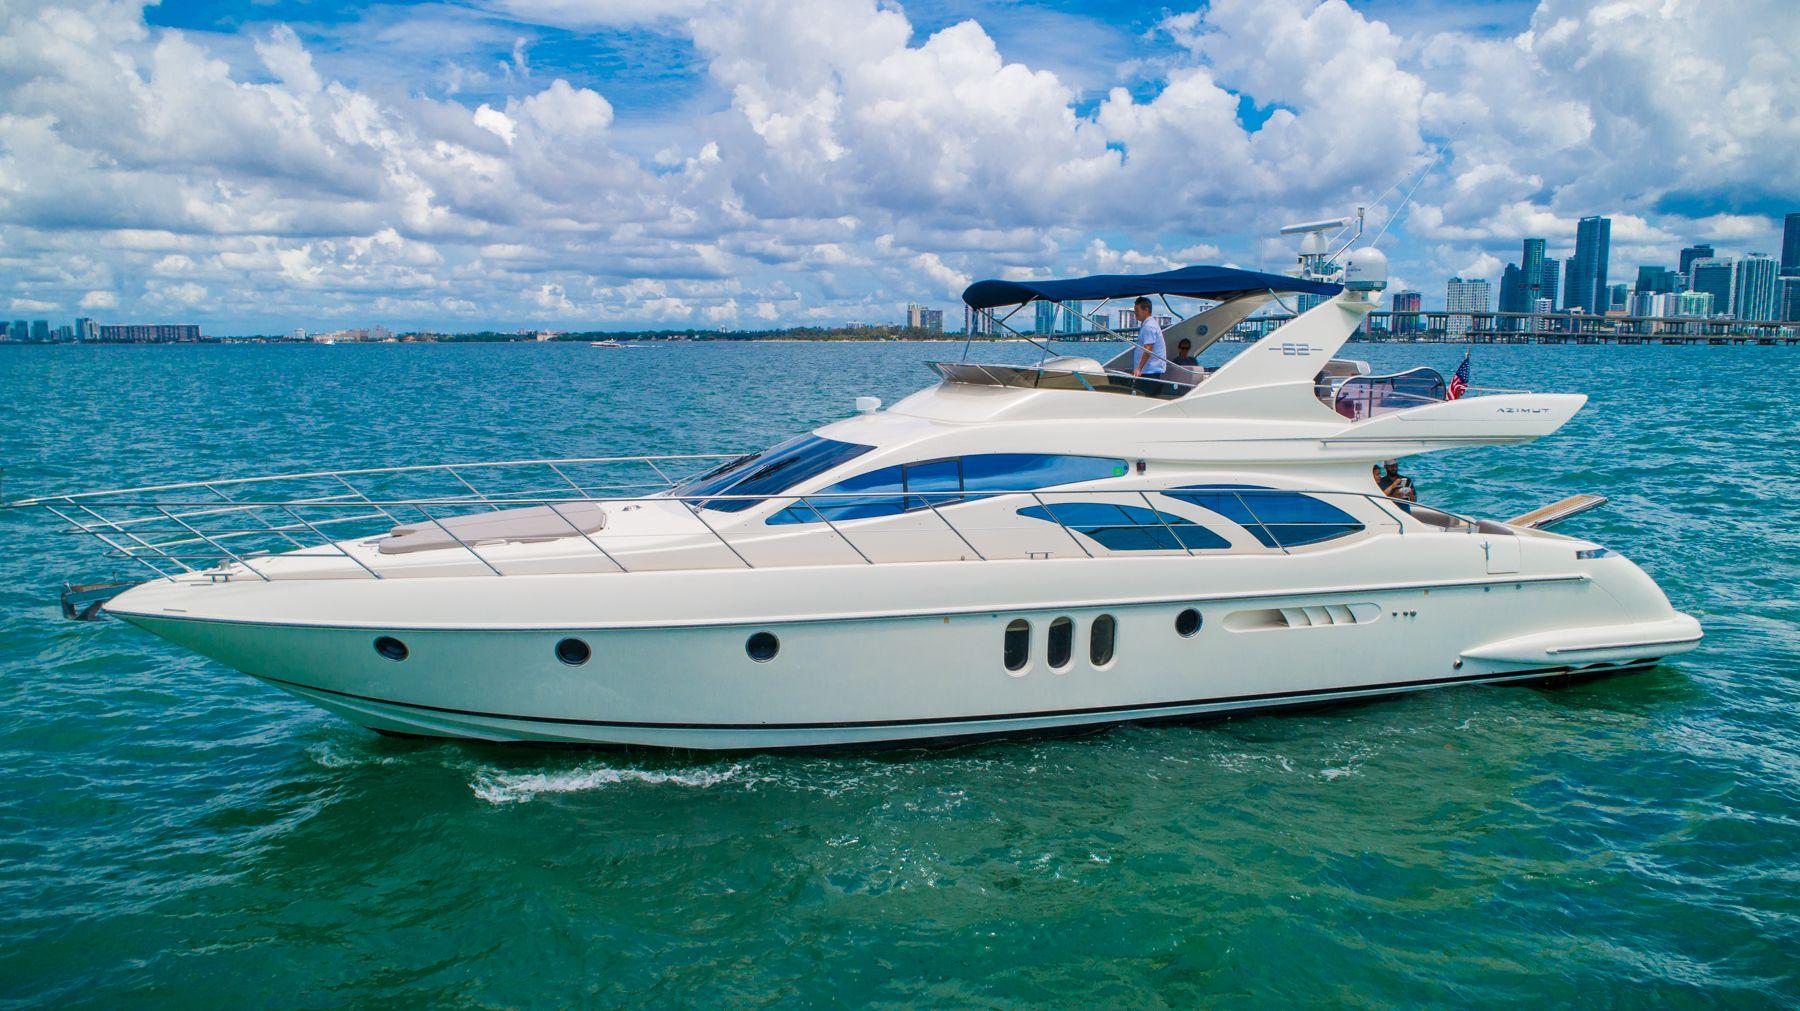 62 Azimut Luxury Yacht Charters Miami